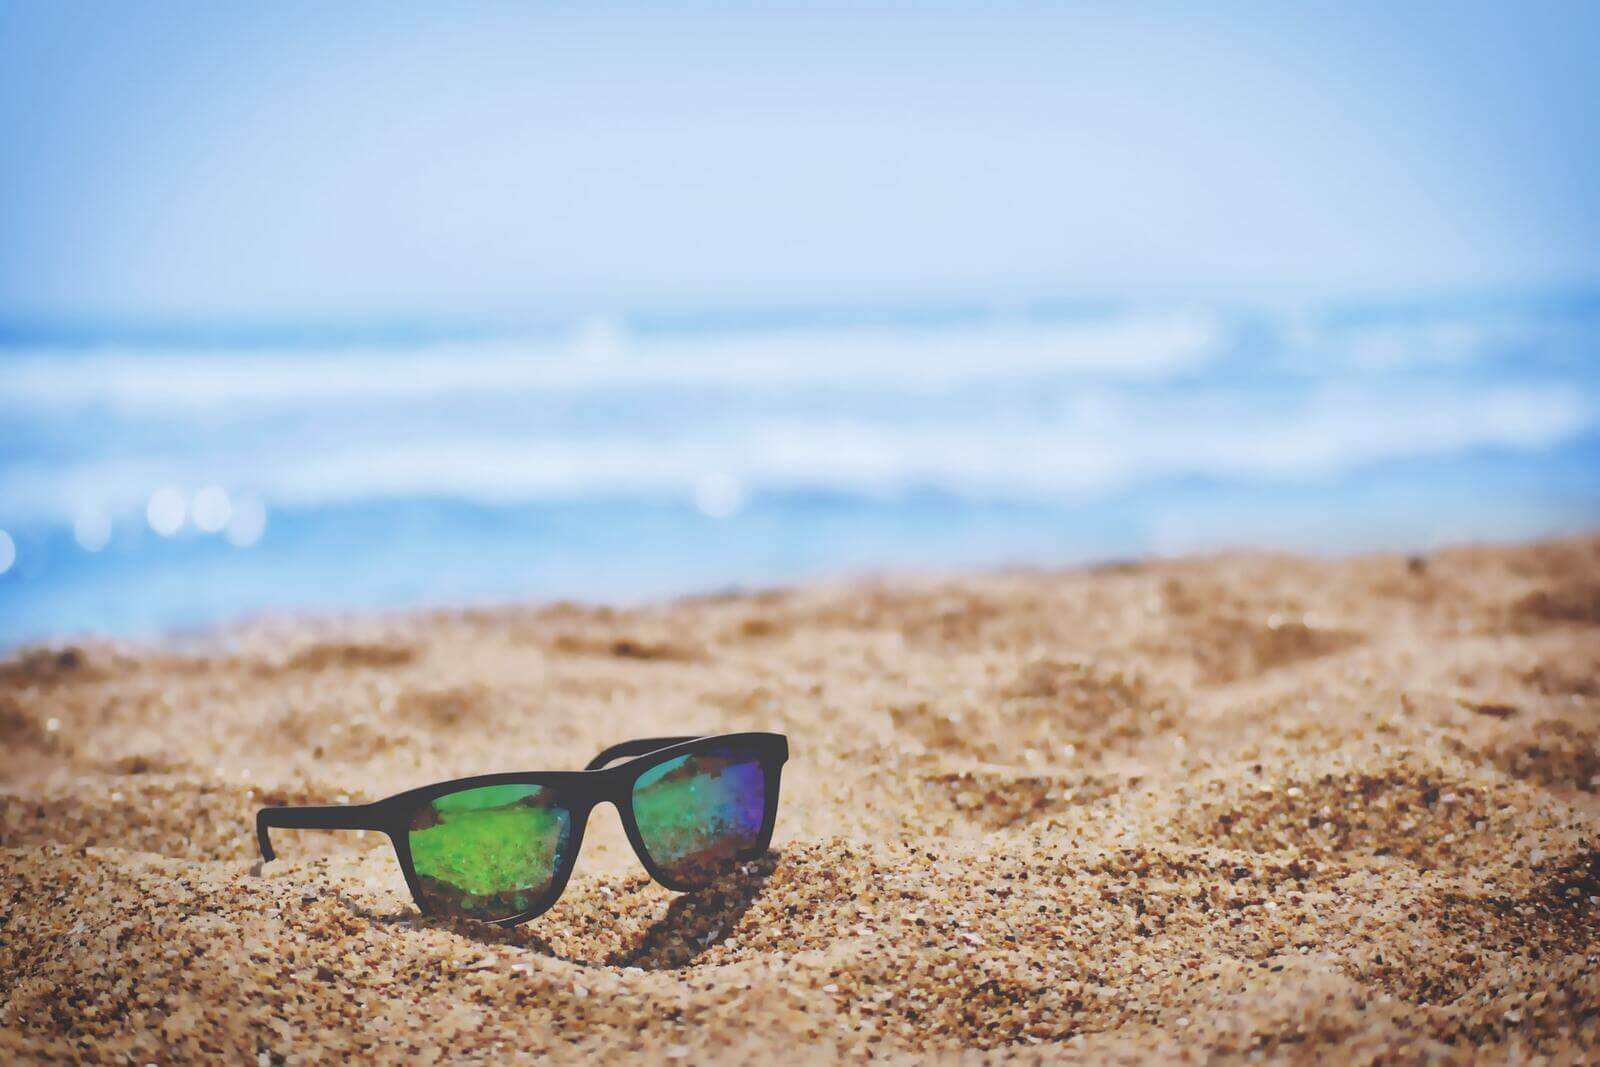 okulary przeciwsłoneczne leżące na plaży